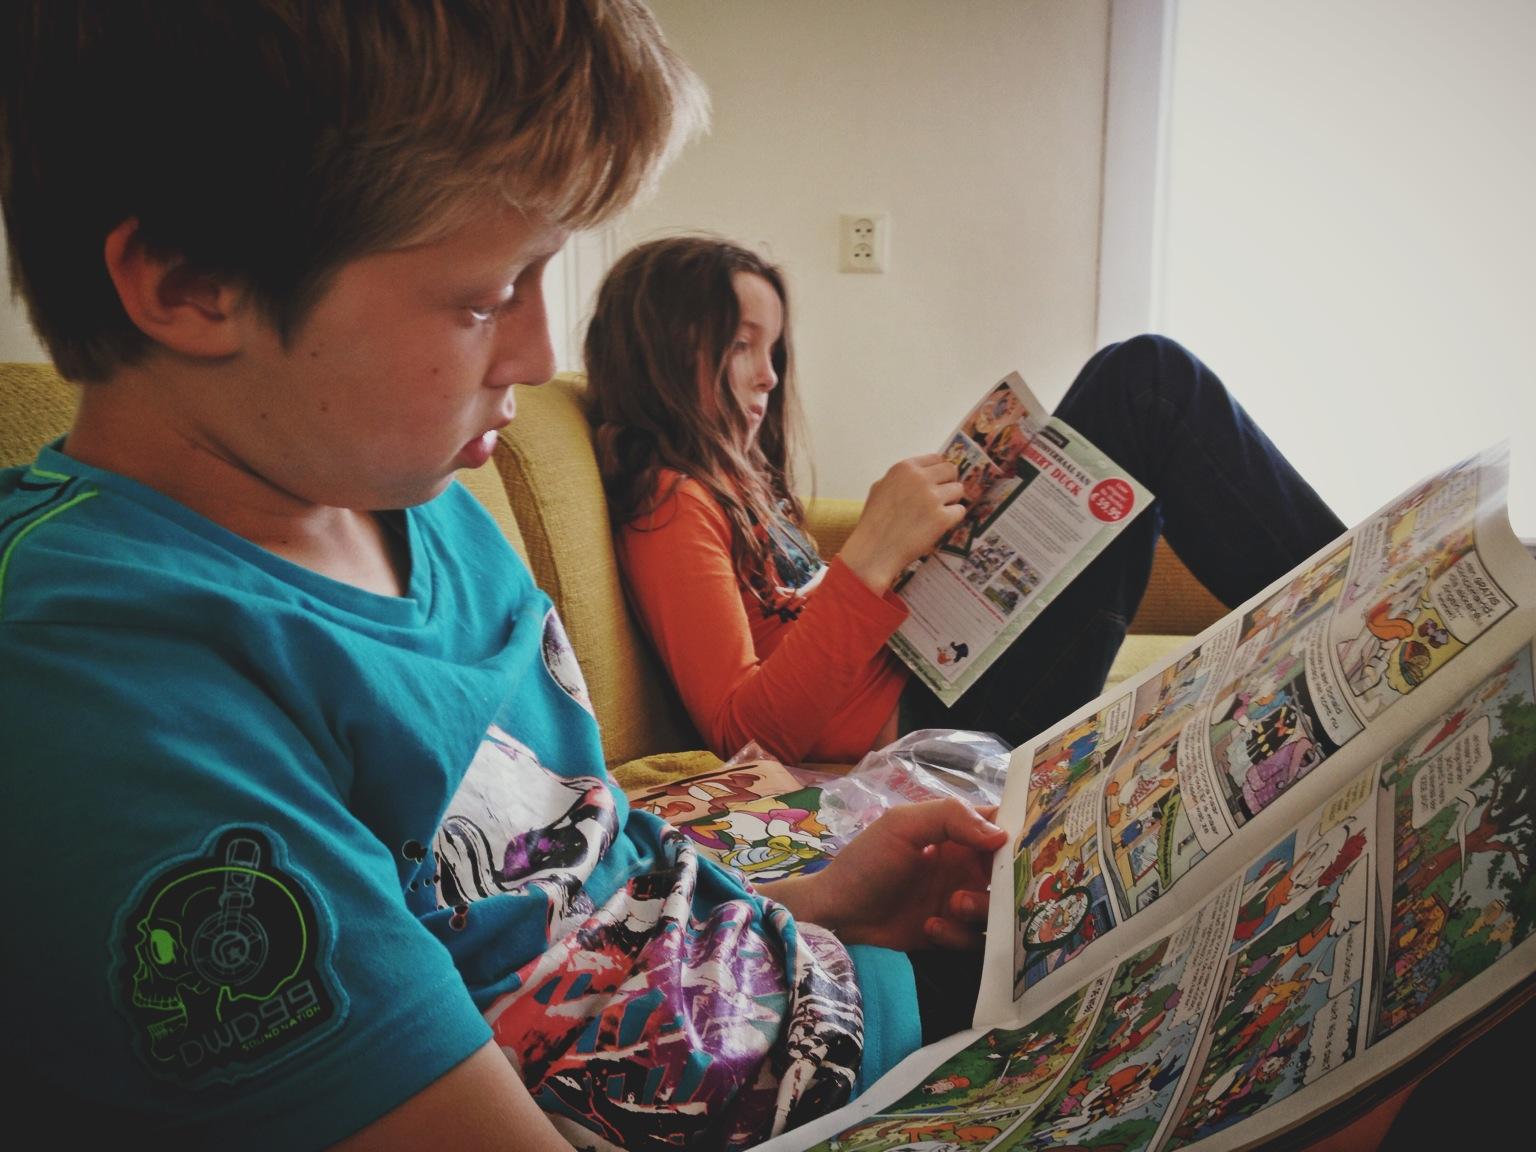 Donald Duck lezen wordt als straf gezien. Ze willen tv #waargaathetheenmetdejeugd